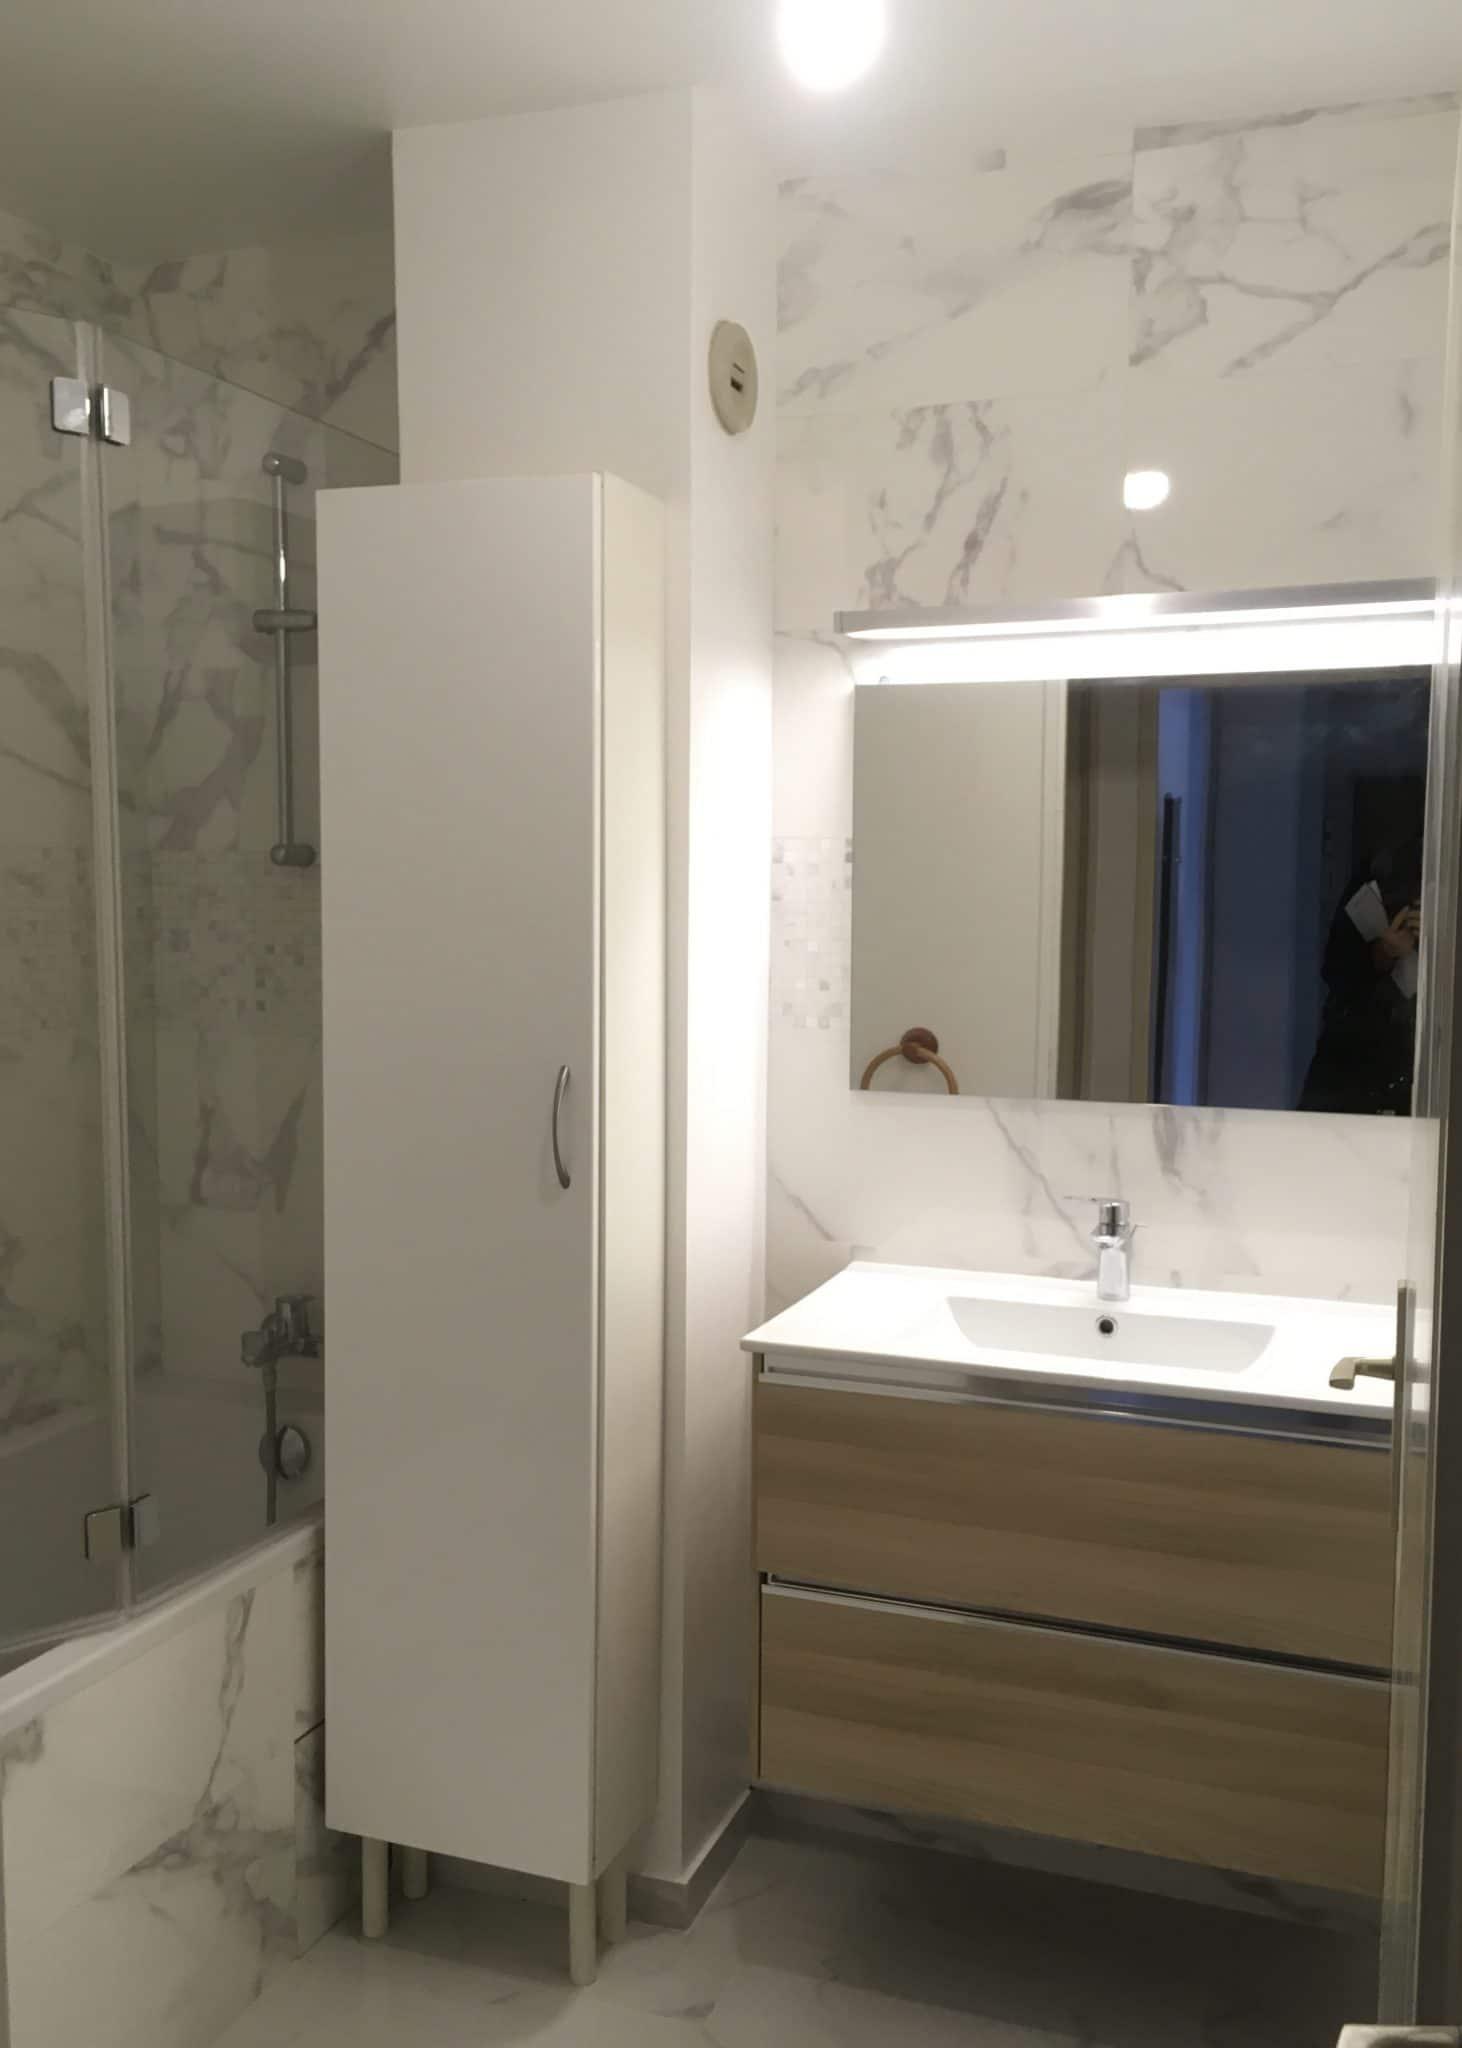 Moderniser Salle De Bain des travaux pour moderniser une salle de bain à magny-les-hameaux